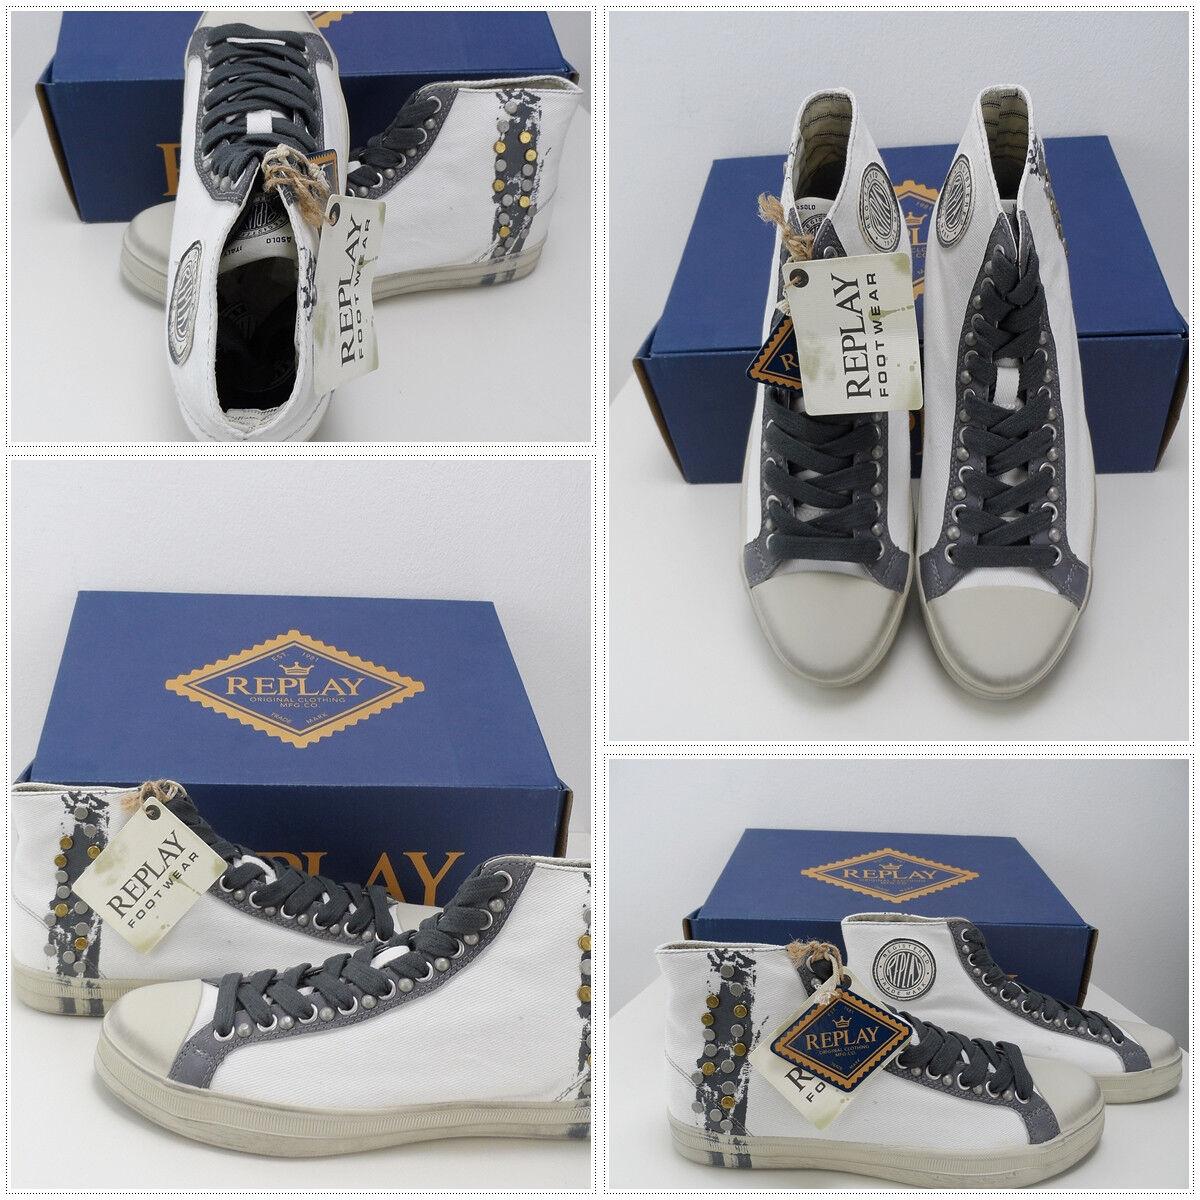 REPLAY Herren Sneakers NEU  149,00€- Hier bei uns für